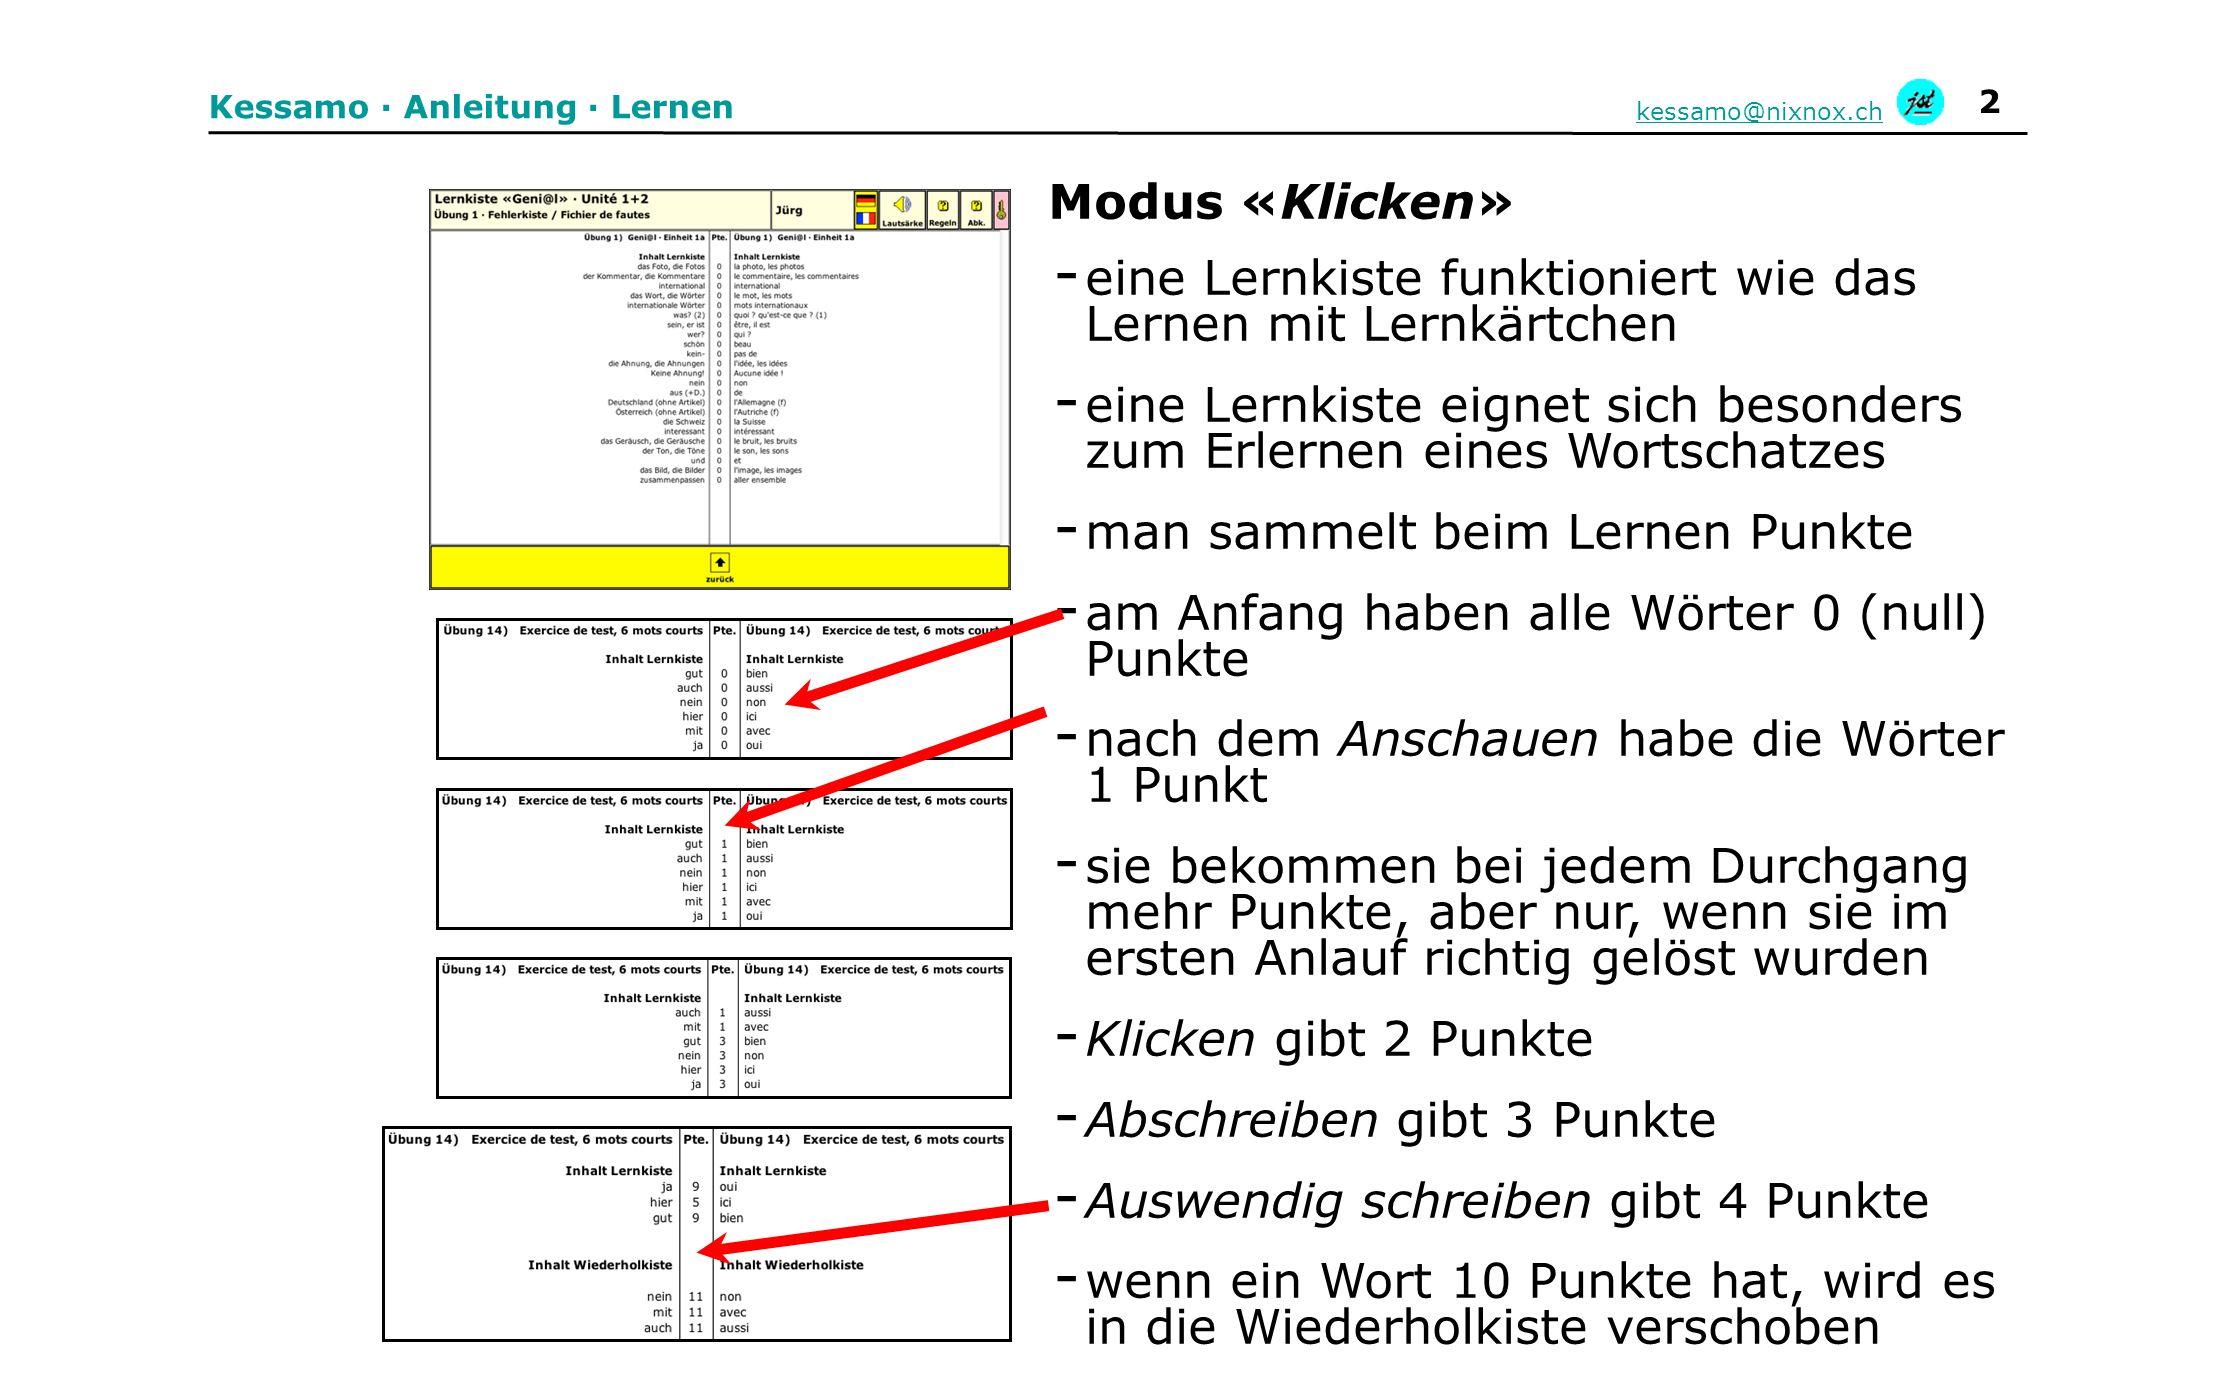 13 Kessamo · Anleitung · Lernen kessamo@nixnox.ch Das Leistungsblatt ermöglicht - die Arbeit zu verfolgen durch einfaches Eintragen der Leistung ins Leistungsblatt - den Leistungsfortschritt zu dokumentieren - die Lehrkraft kann im voraus einschreiben, welche Arbeiten der Schüler/die Schülerin machen muss Leistungsblatt